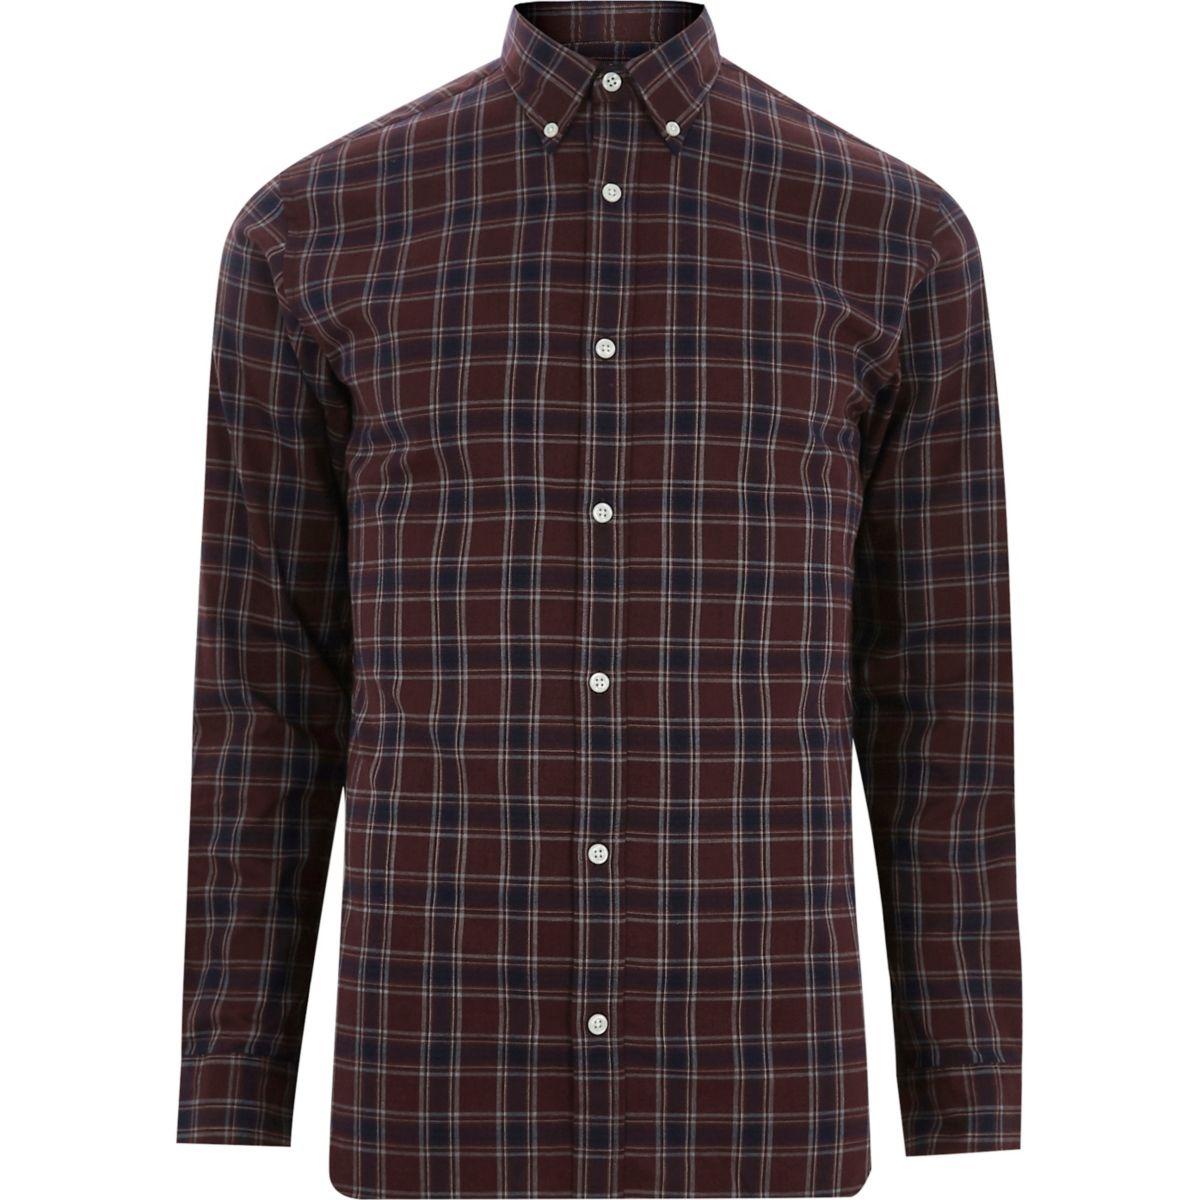 Brown Jack & Jones premium check shirt